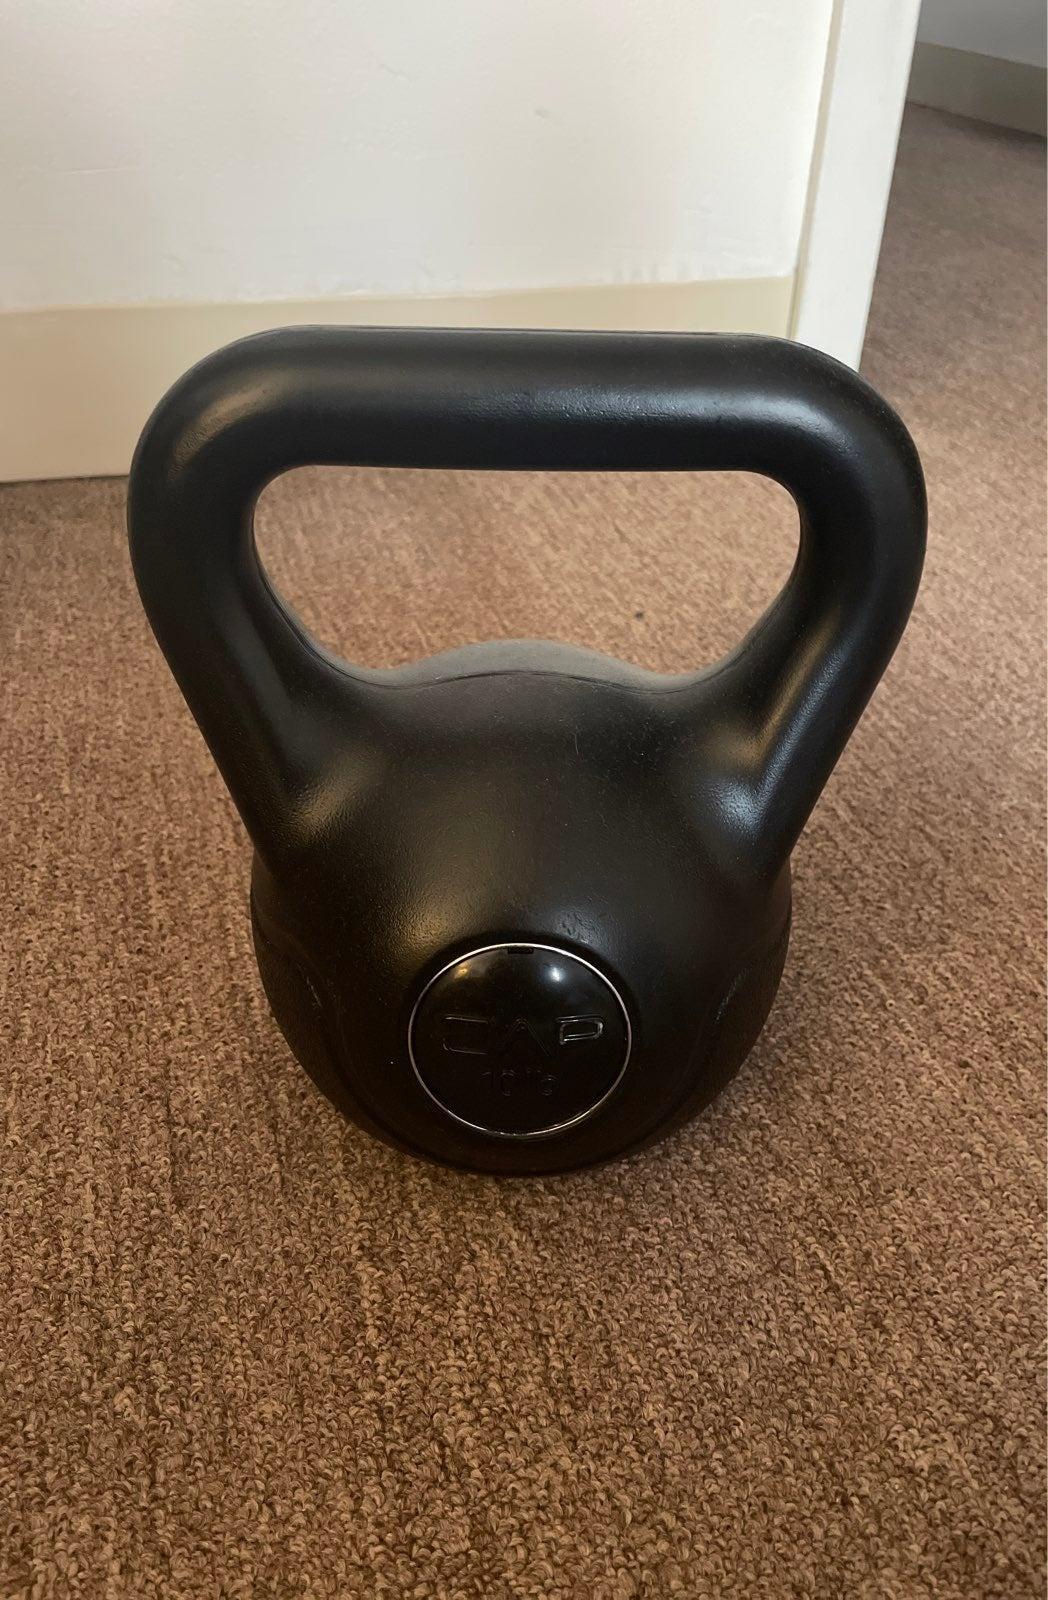 CAP 10 lb. kettlebell